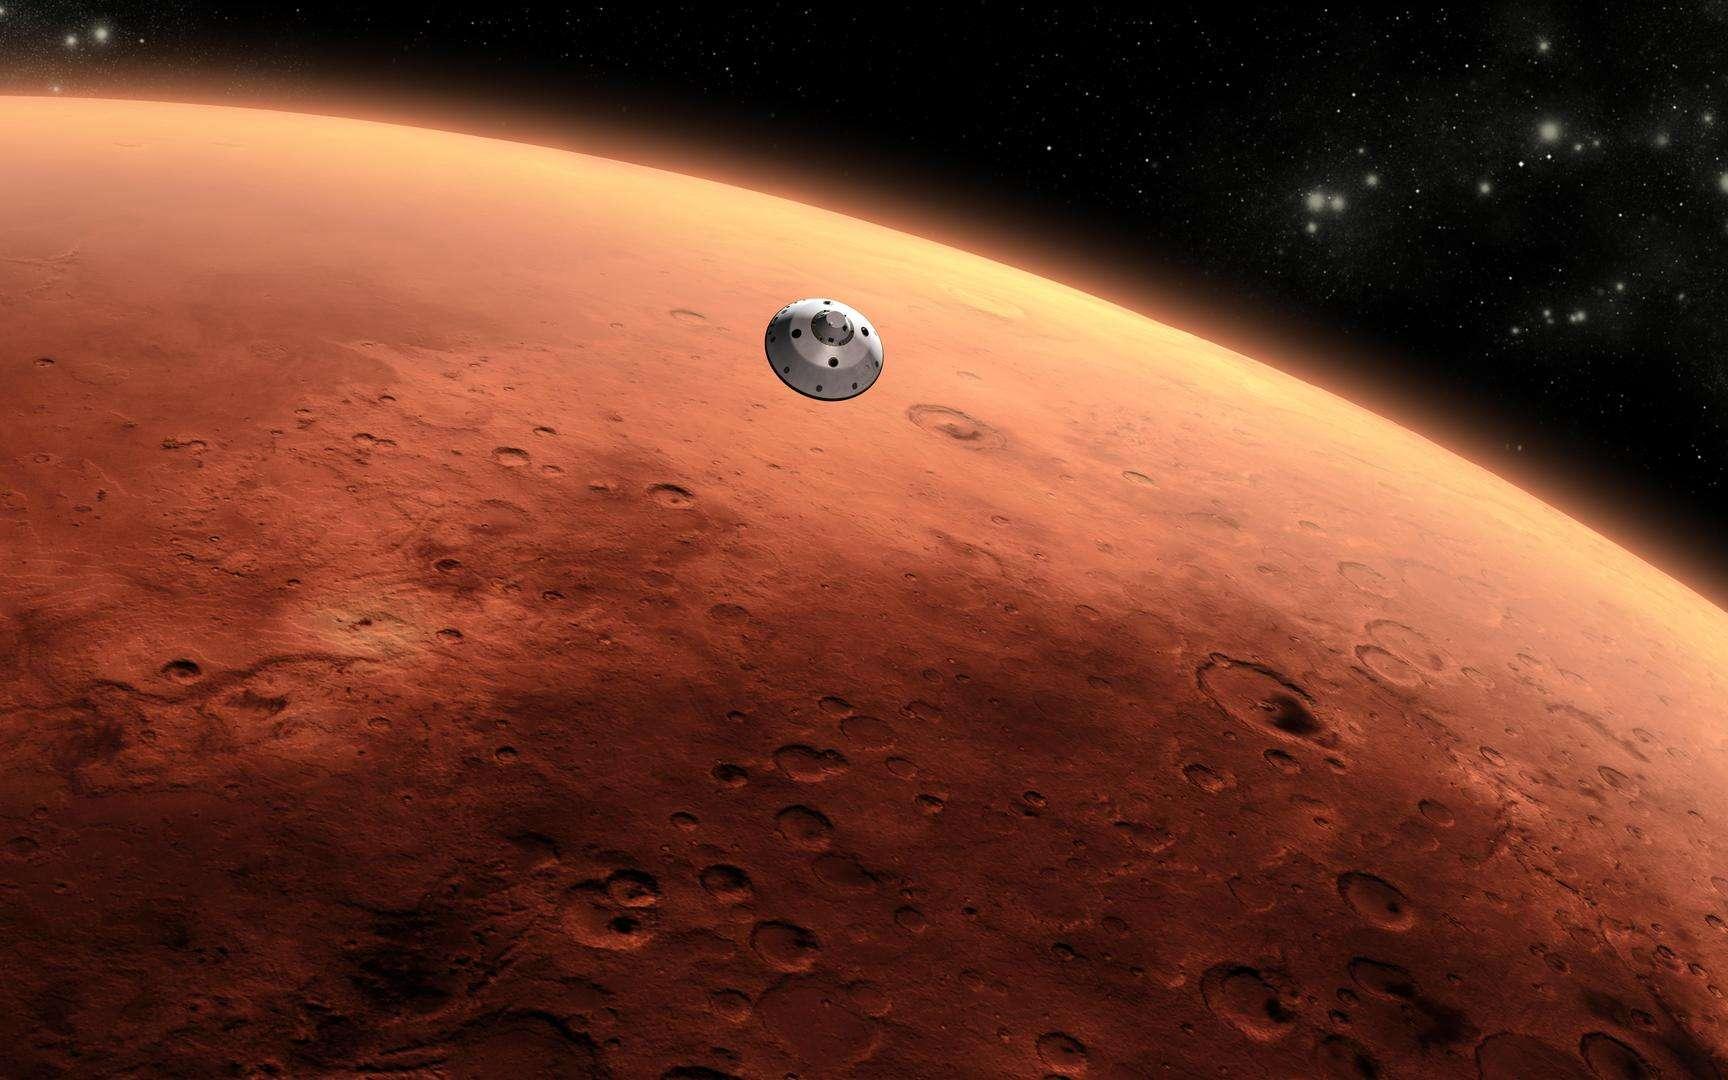 Illustration de la capsule contenant le rover Curiosity qui est arrivée sur Mars en août 2012. © Nasa, JPL-Caltech